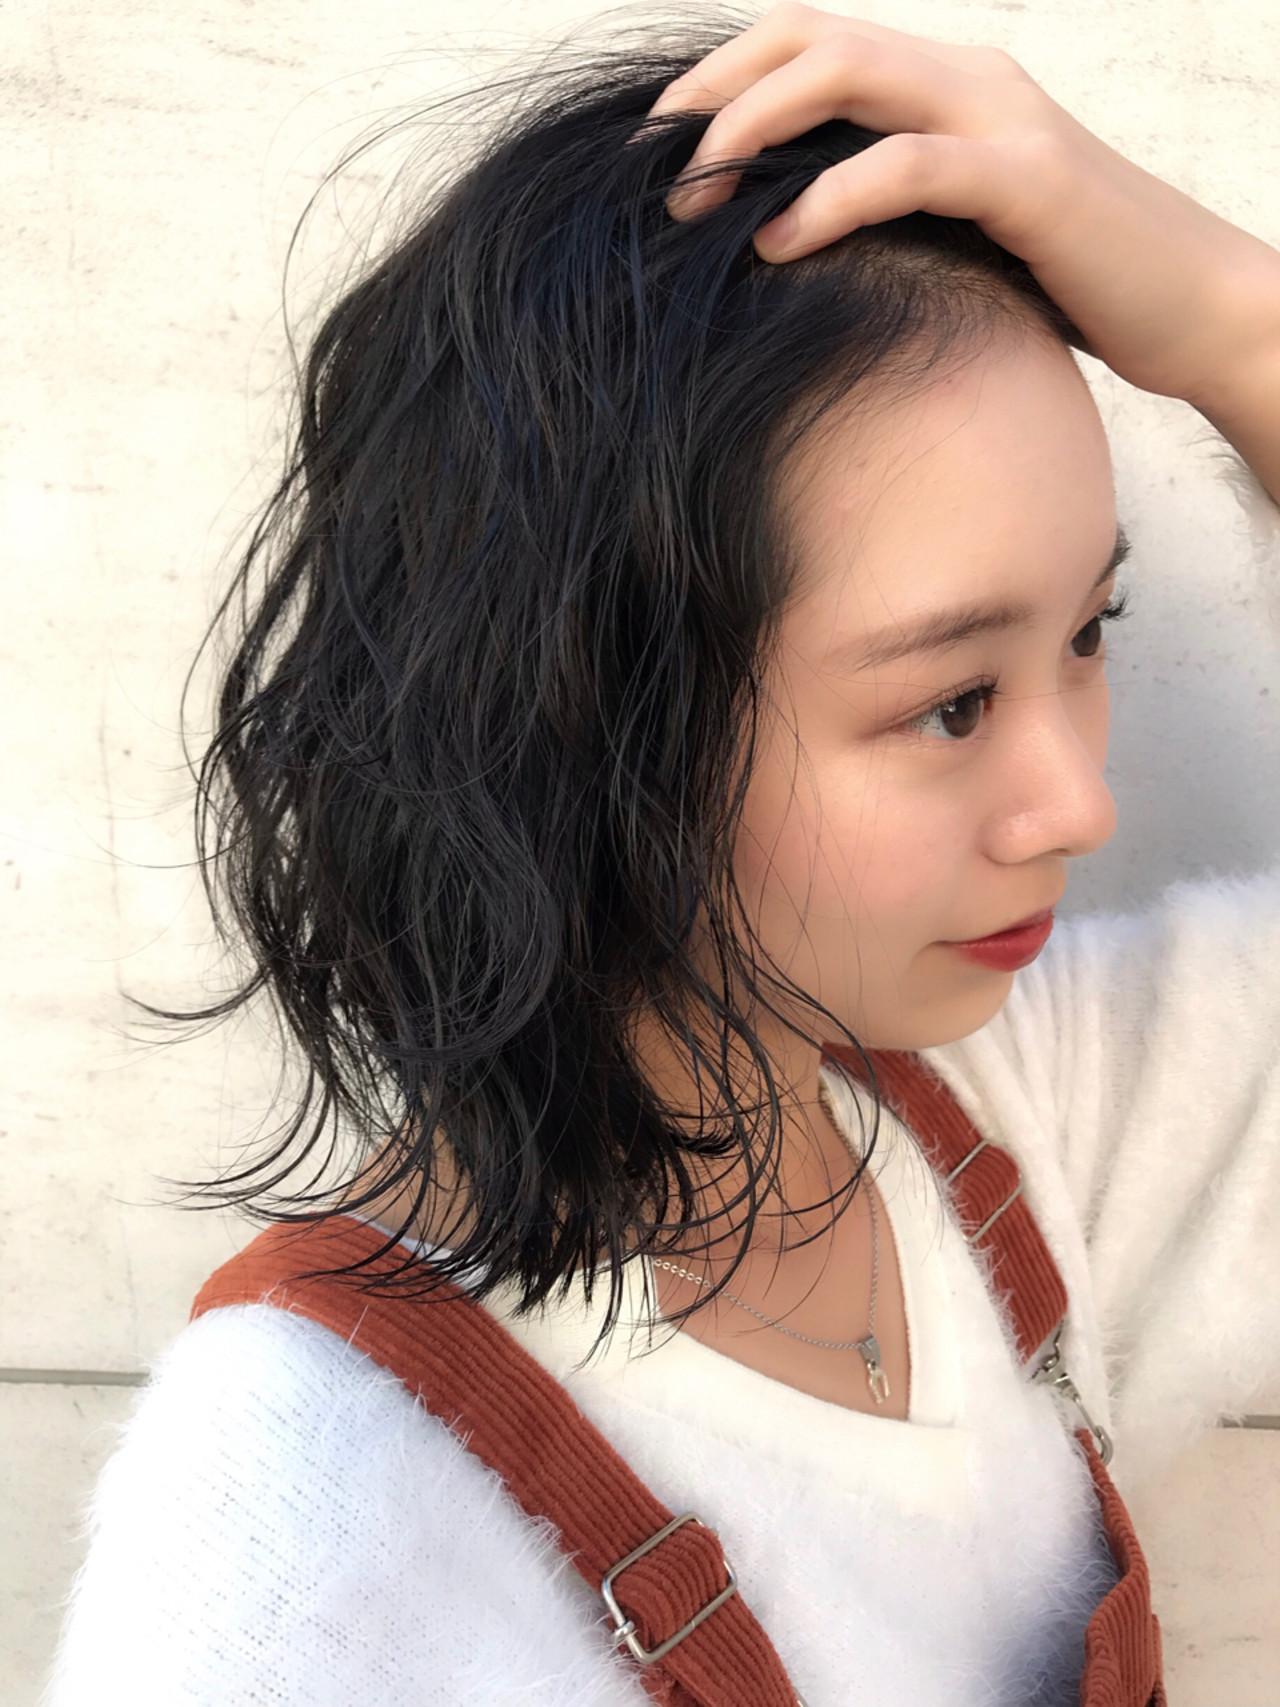 女子力 ニュアンス ウェーブ ゆるふわ ヘアスタイルや髪型の写真・画像